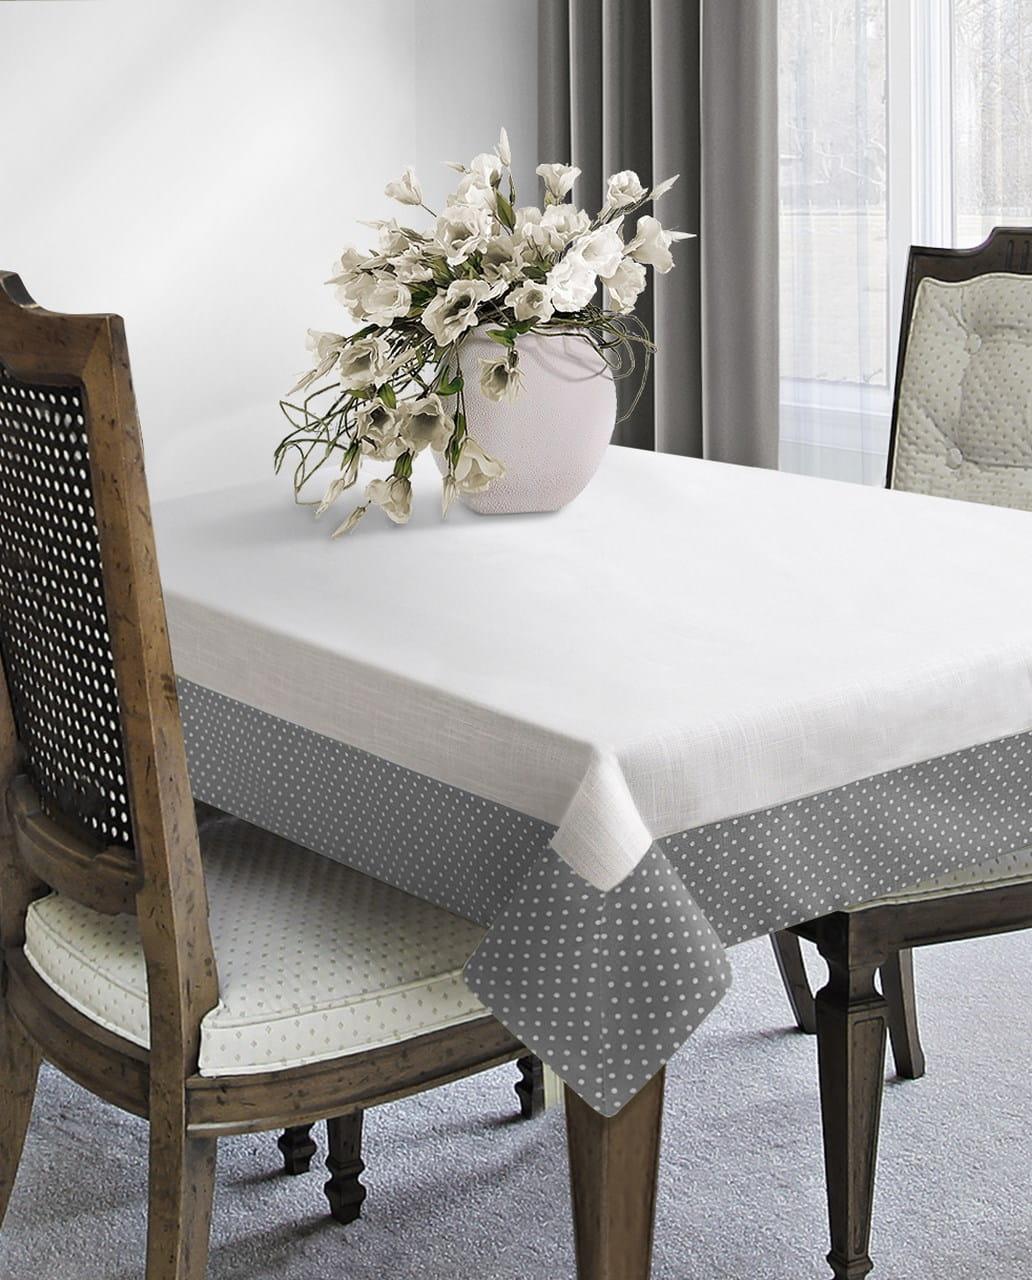 biancheria da tavola esposta su un tavolo